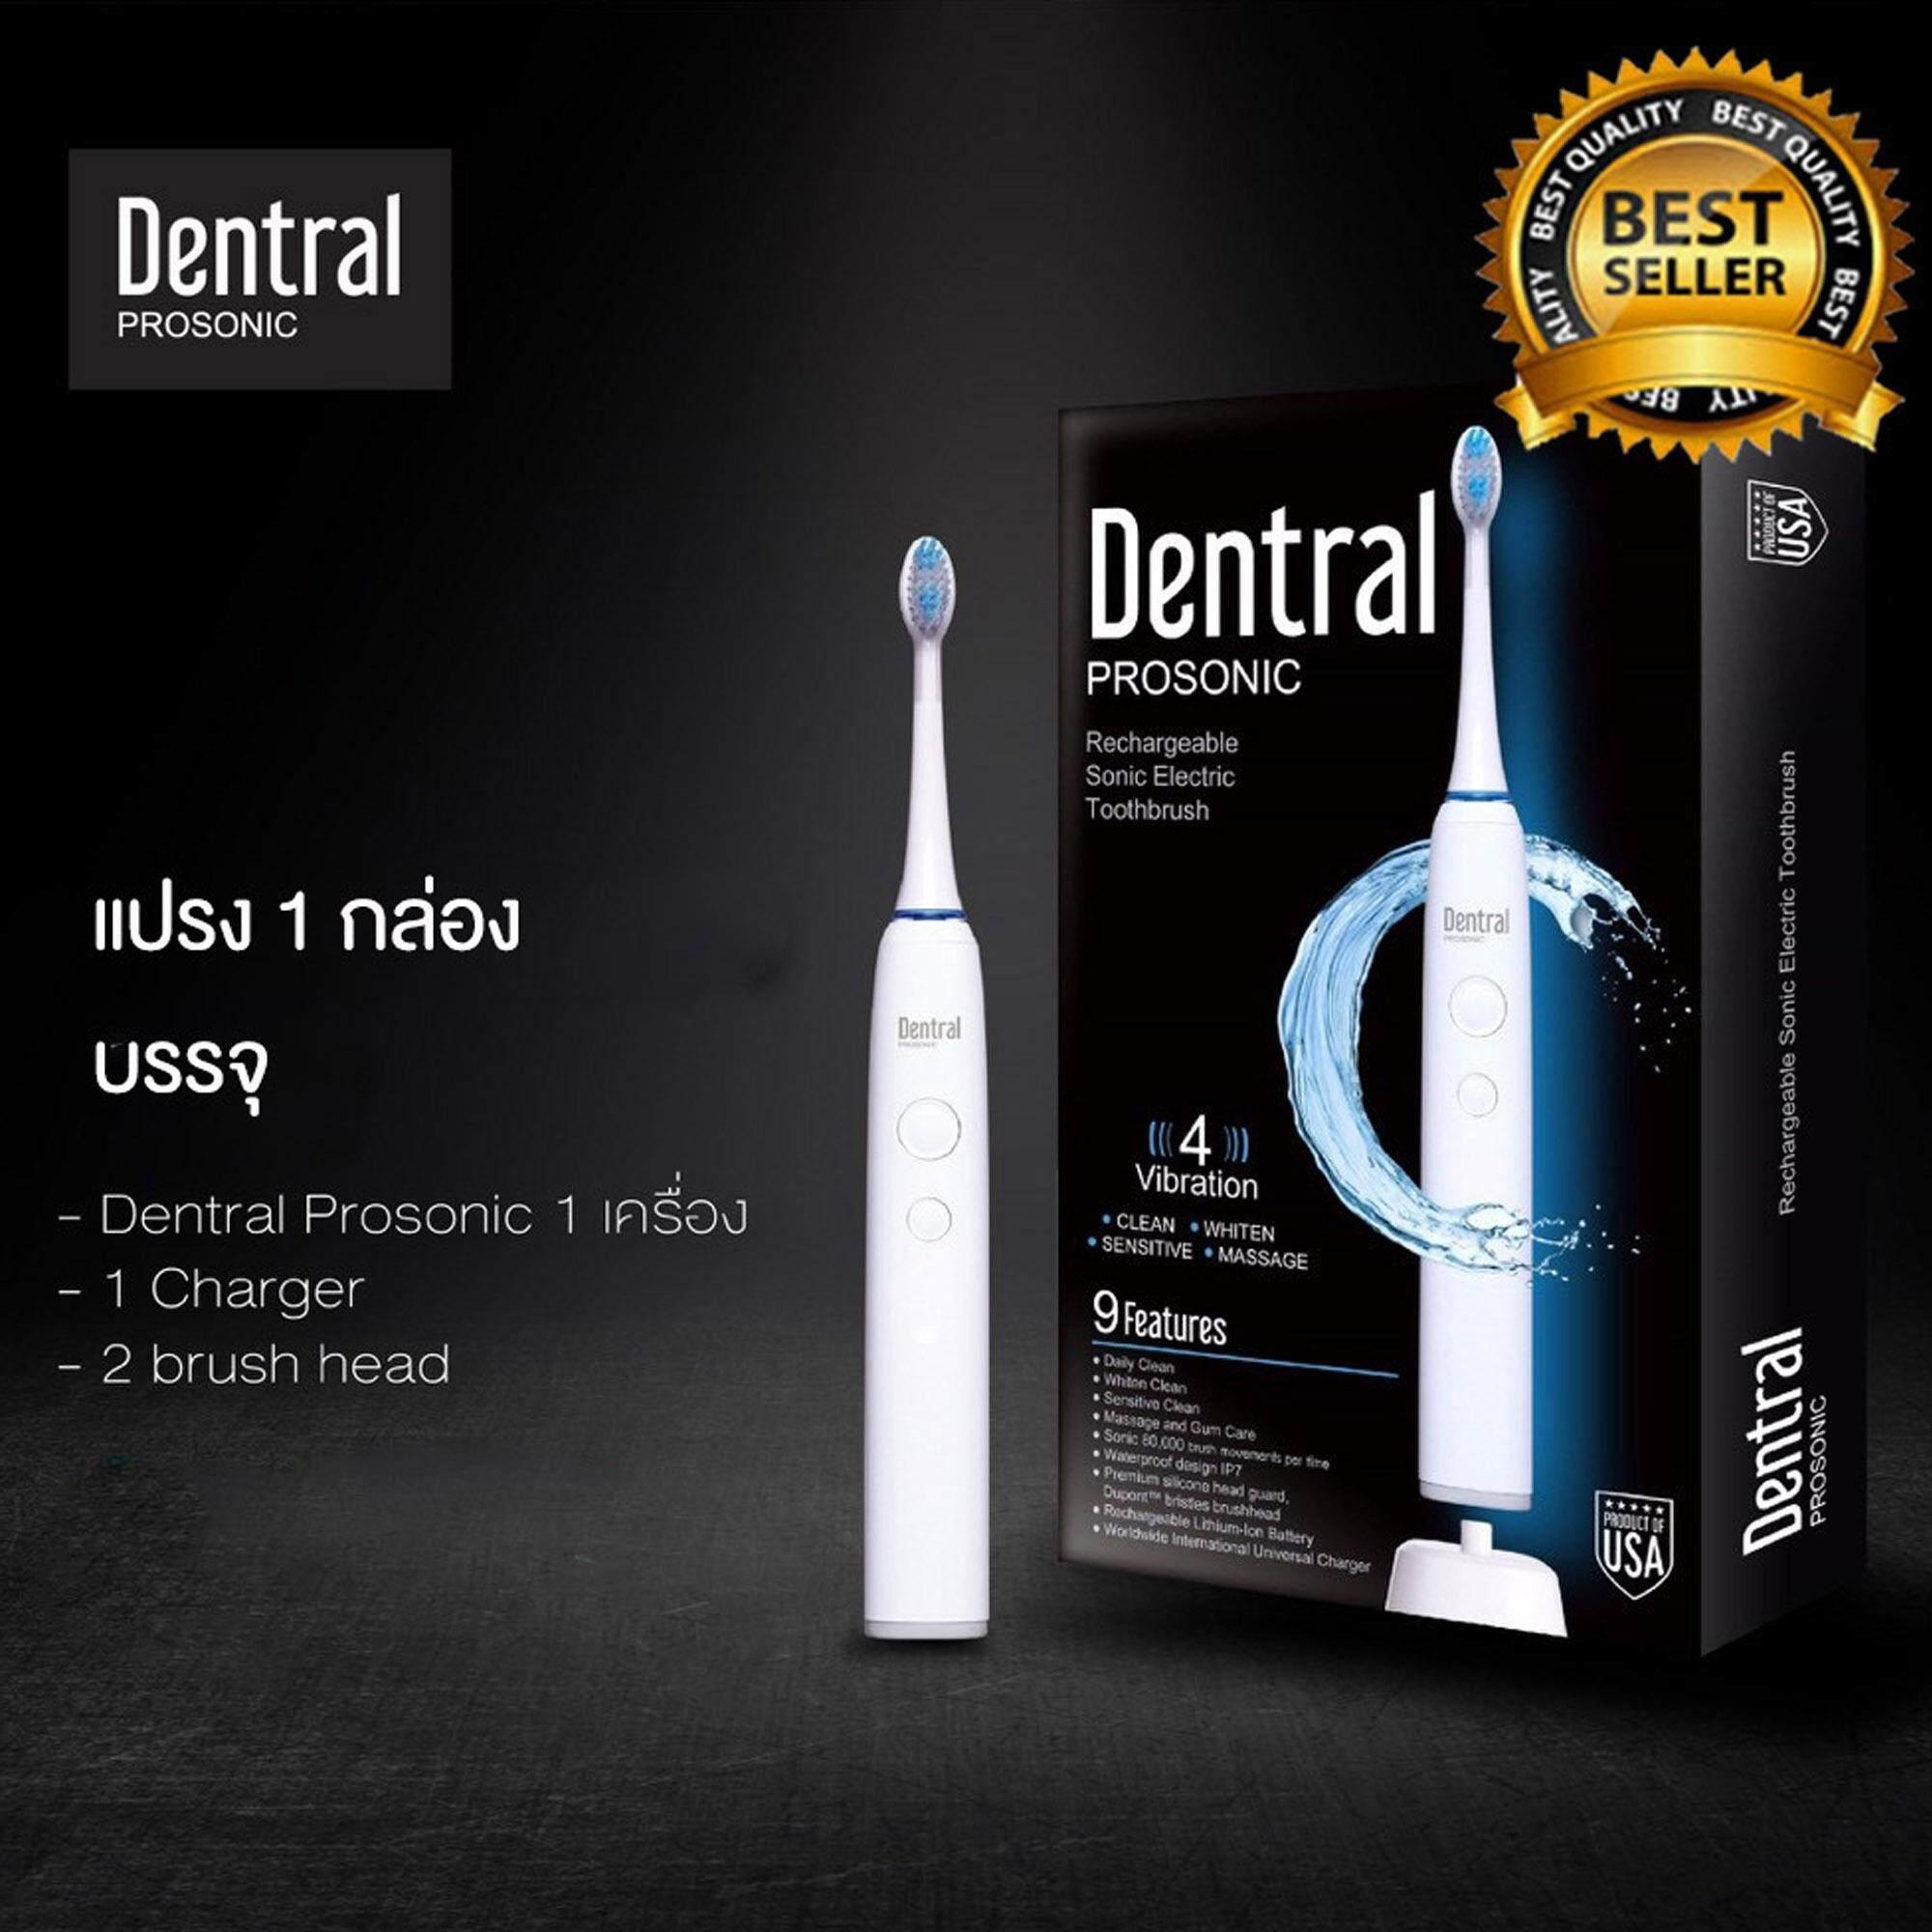 แปรงสีฟันไฟฟ้า ทำความสะอาดทุกซี่ฟันอย่างหมดจด น่าน แปรงสีฟันไฟฟ้า Dentral Prosonic Electric Toothbrush ขนแปรงนุ่ม สะอาดมั่นใจ 1 ด้าม  แถมหัวแปรง 2 หัว